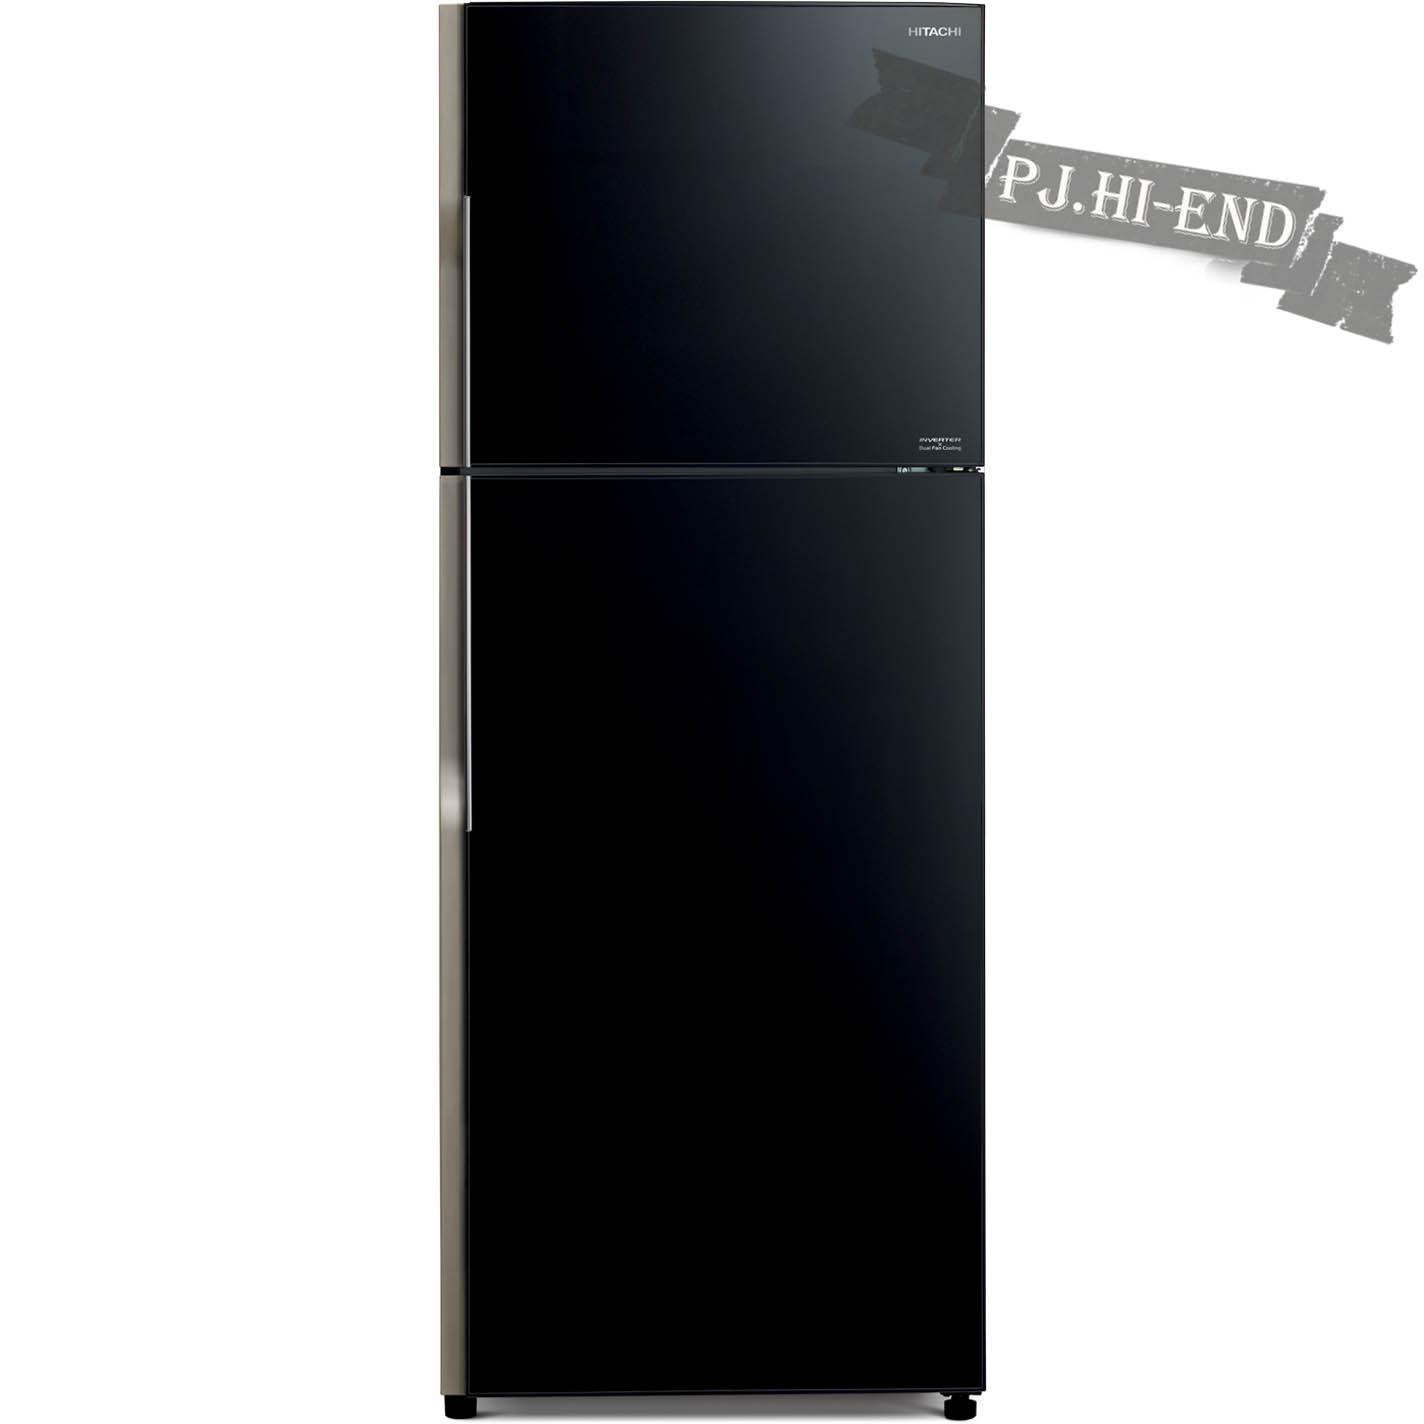 ตู้เย็น 2 ประตู 12.4คิว HITACHI รุ่น R-VG350PZ กระจกดำ